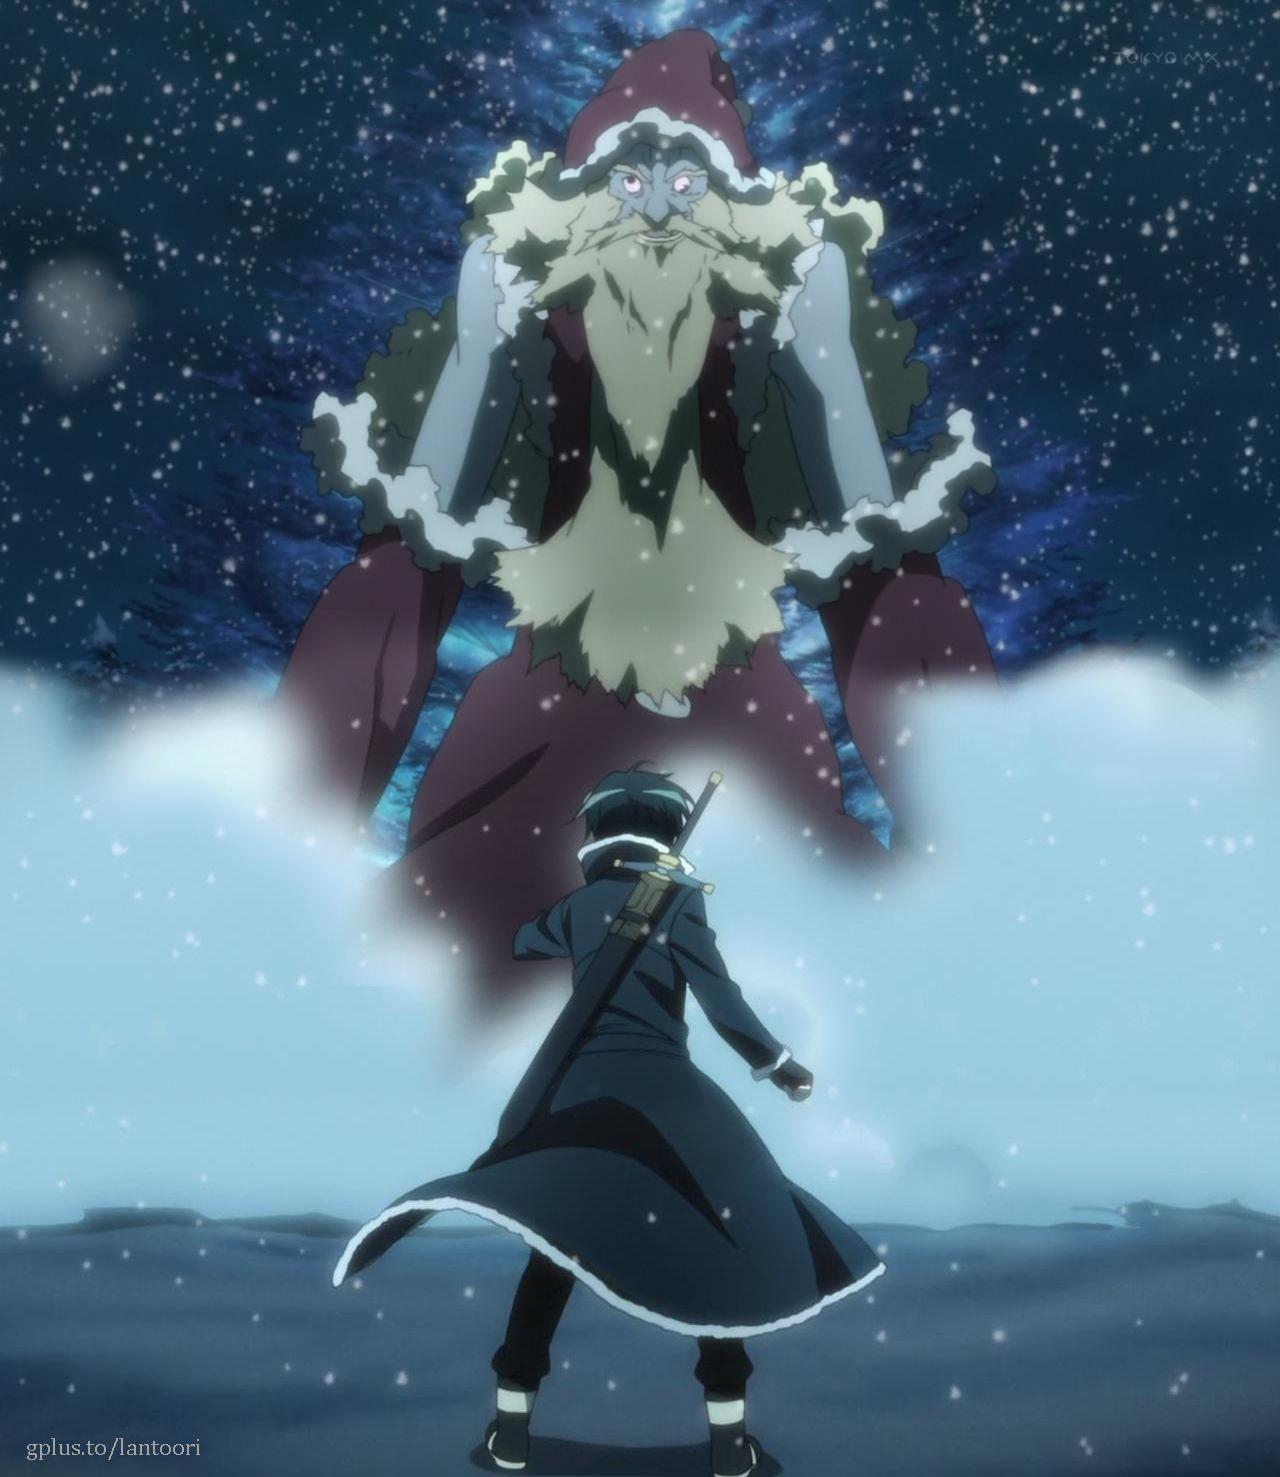 Sword Art Online Episode 03 Anime Otaku Anime Sword Art Online